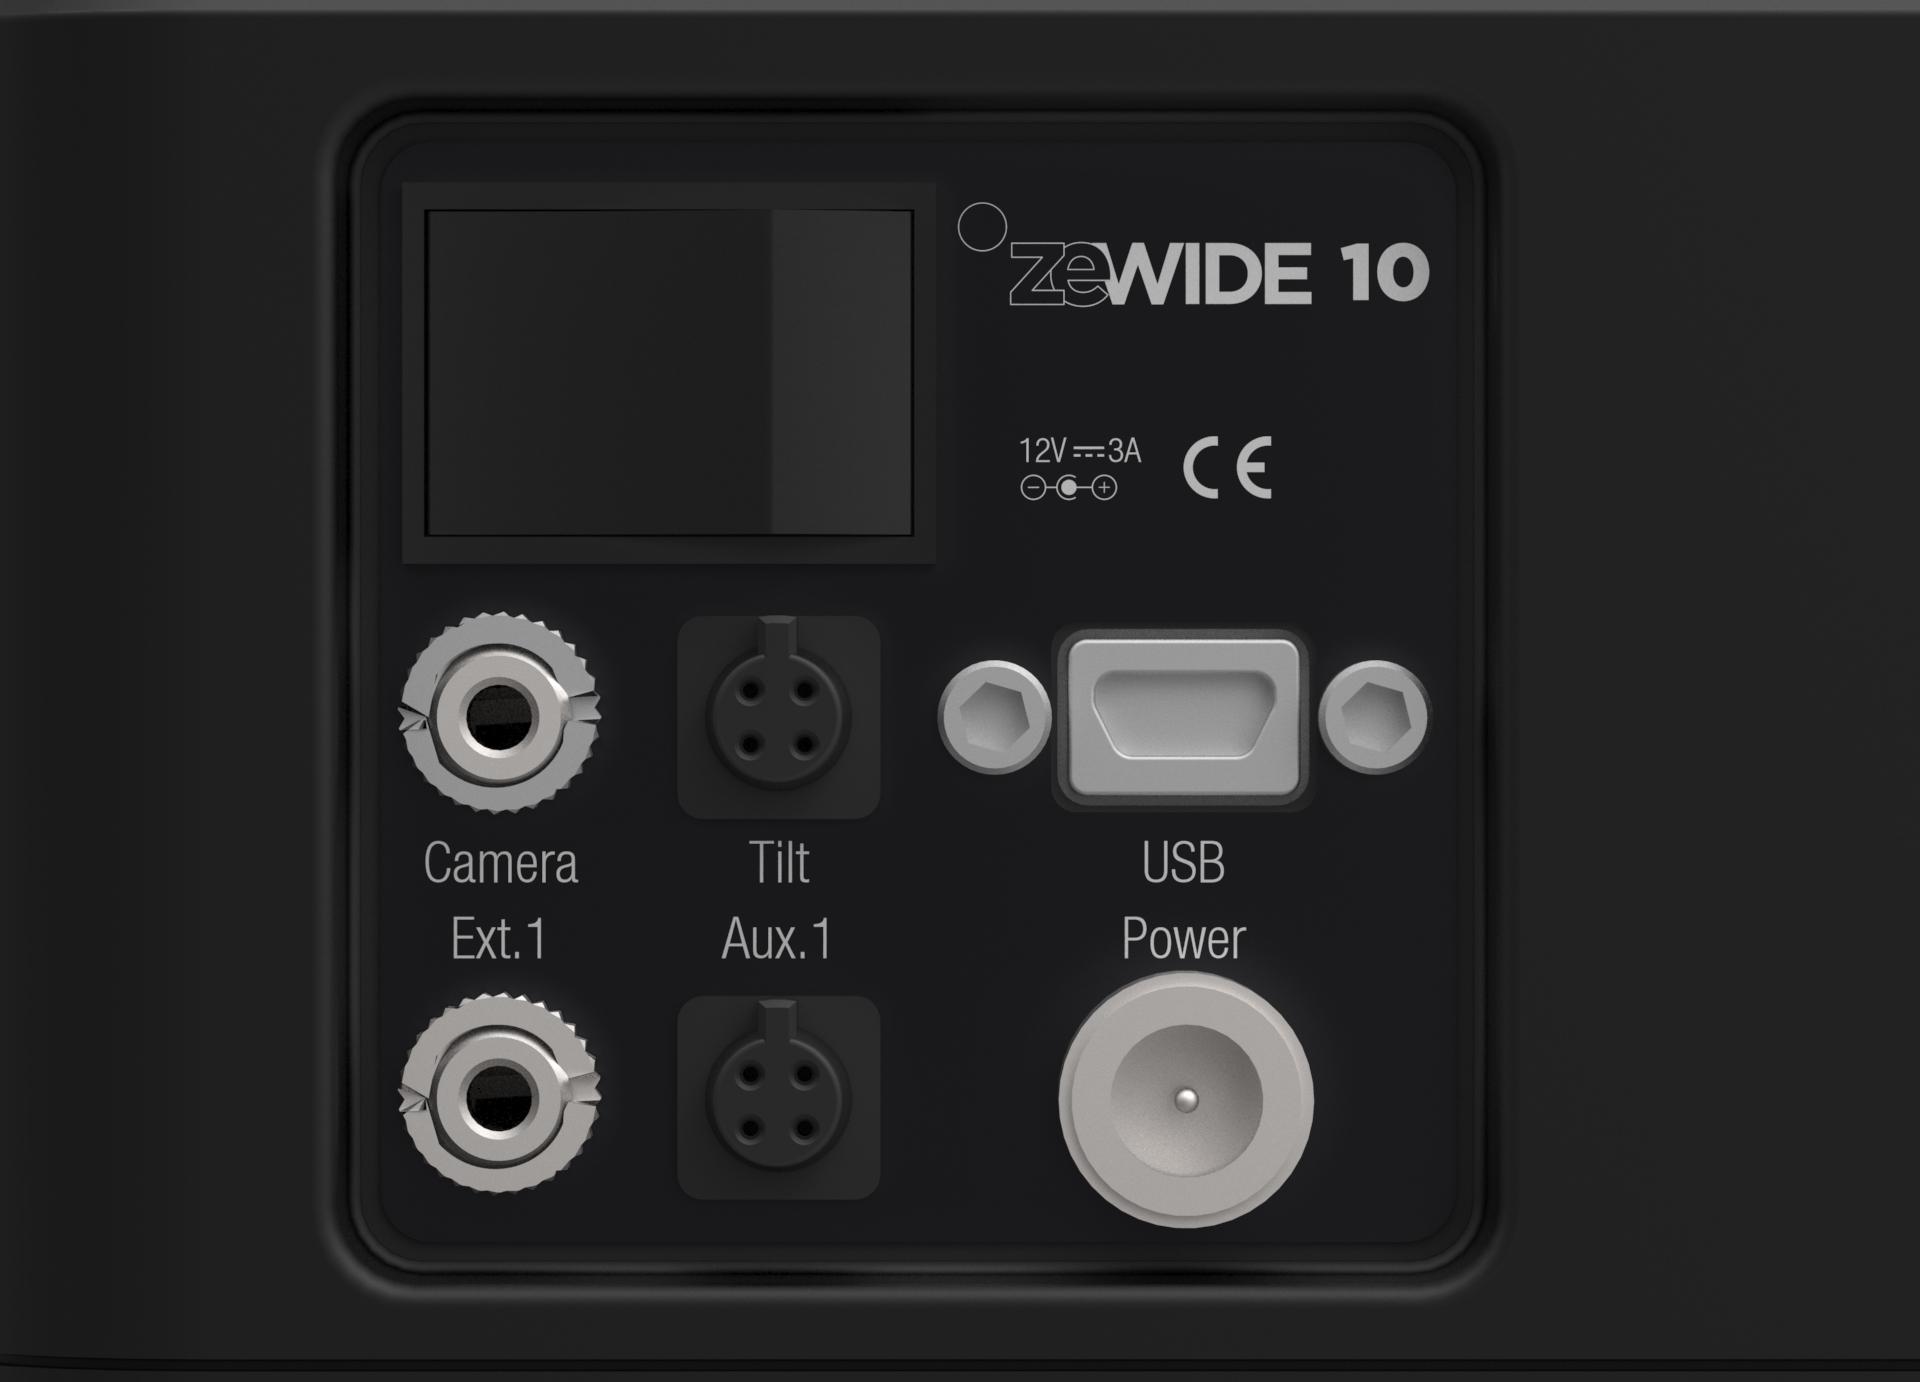 zewide-accesorio-cámara-fotográfica-detalle-conexiones